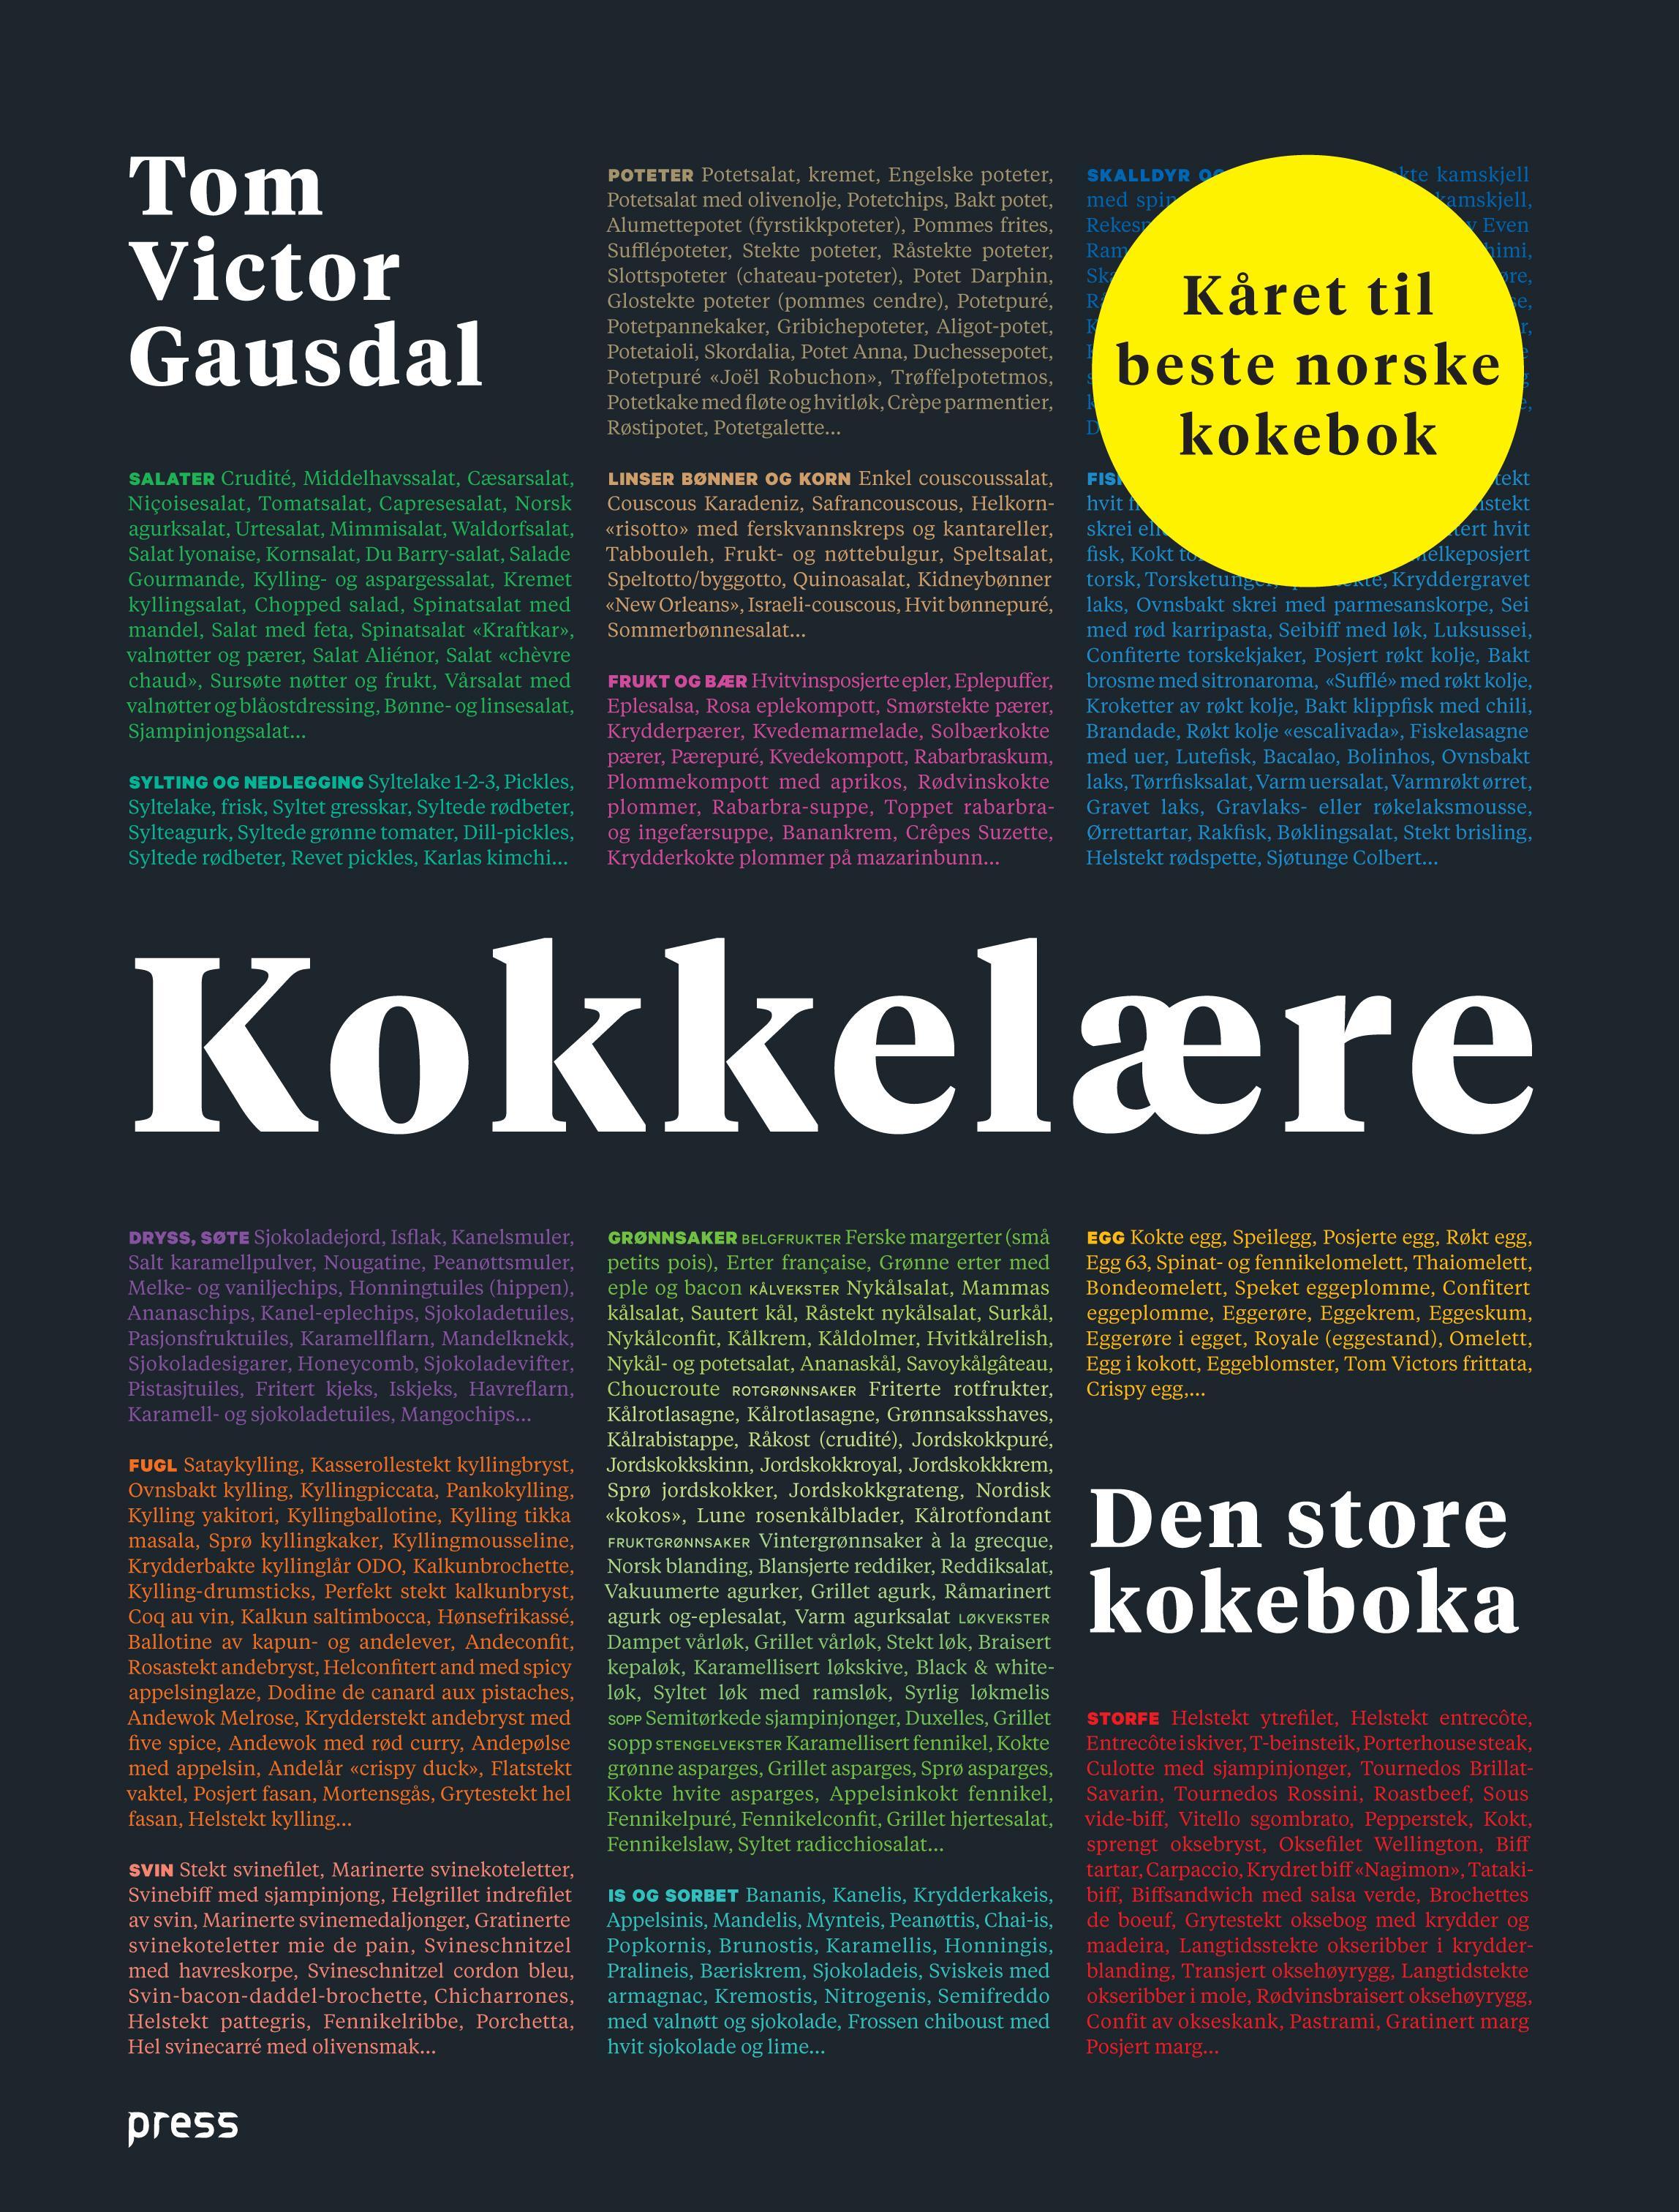 """""""Kokkelære - den store kokeboka"""" av Tom Victor Gausdal"""